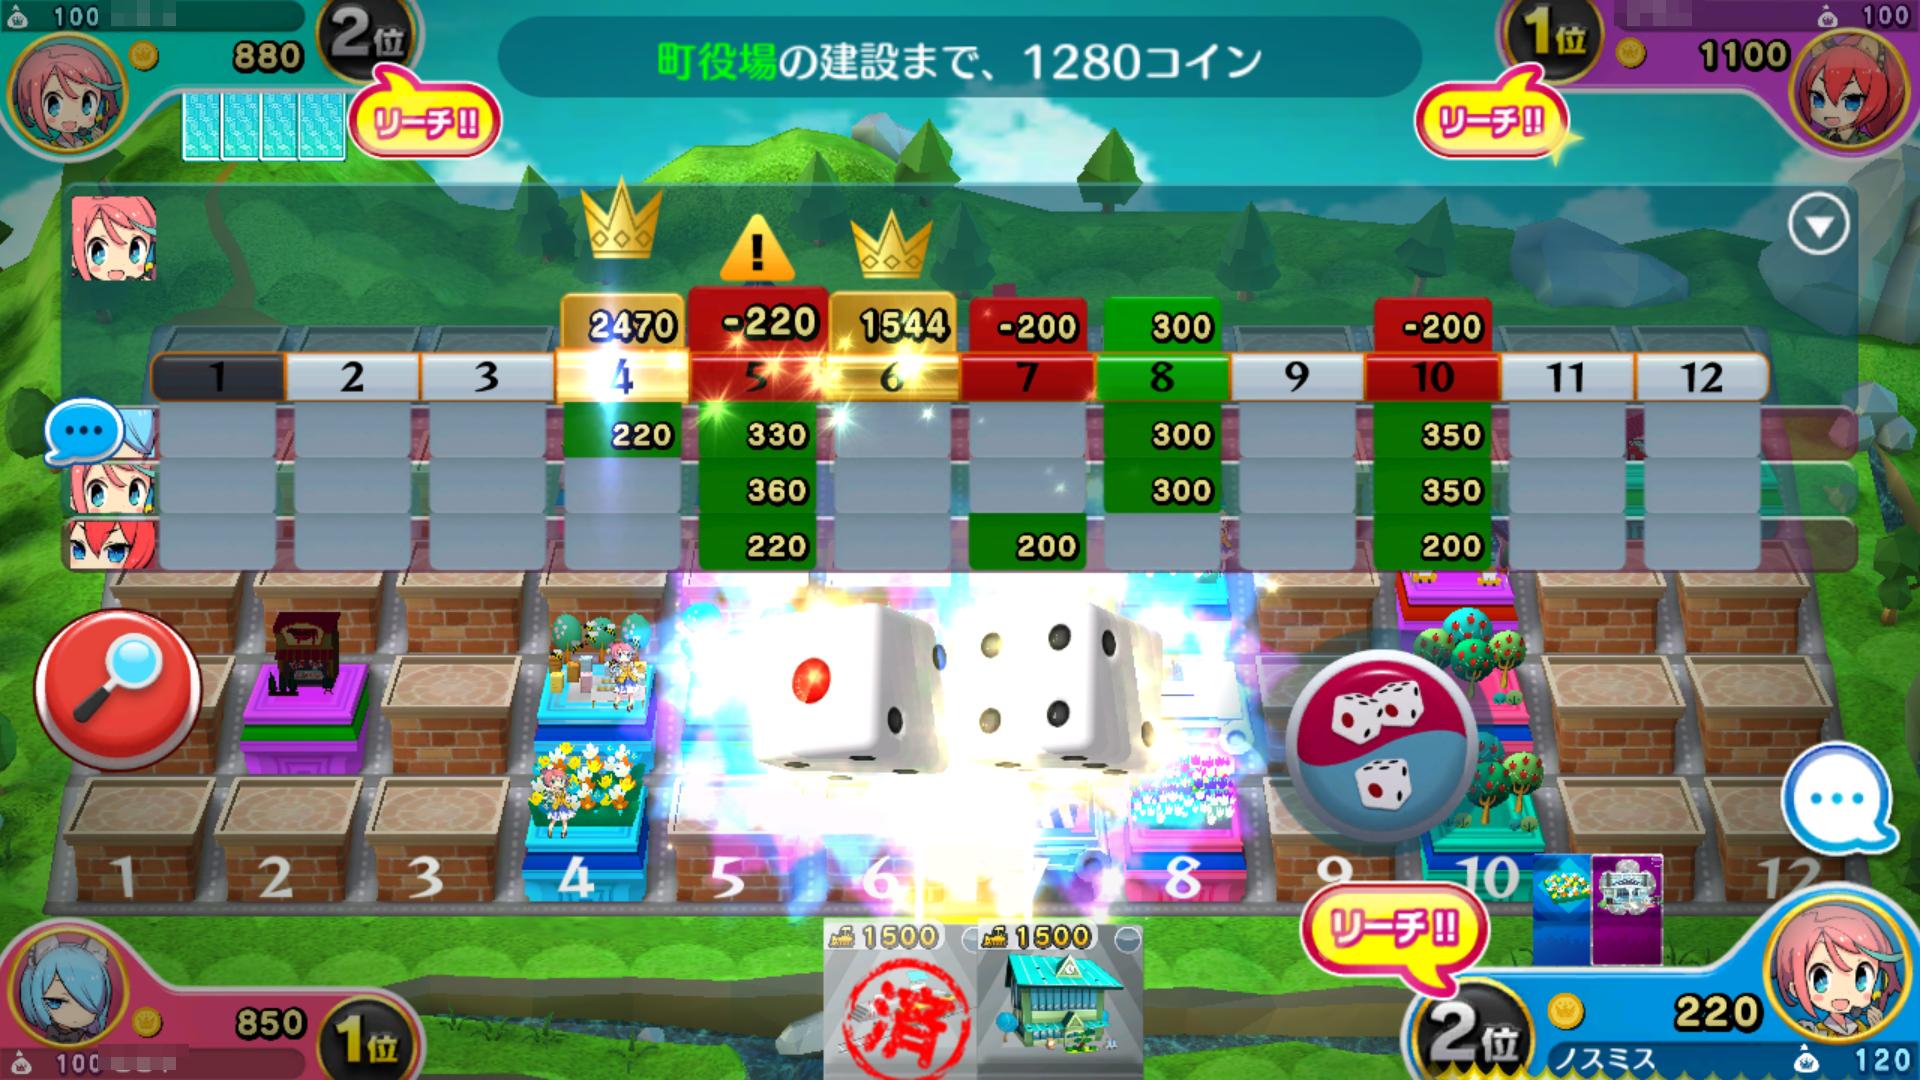 街コロマッチ!(街コロ) androidアプリスクリーンショット1